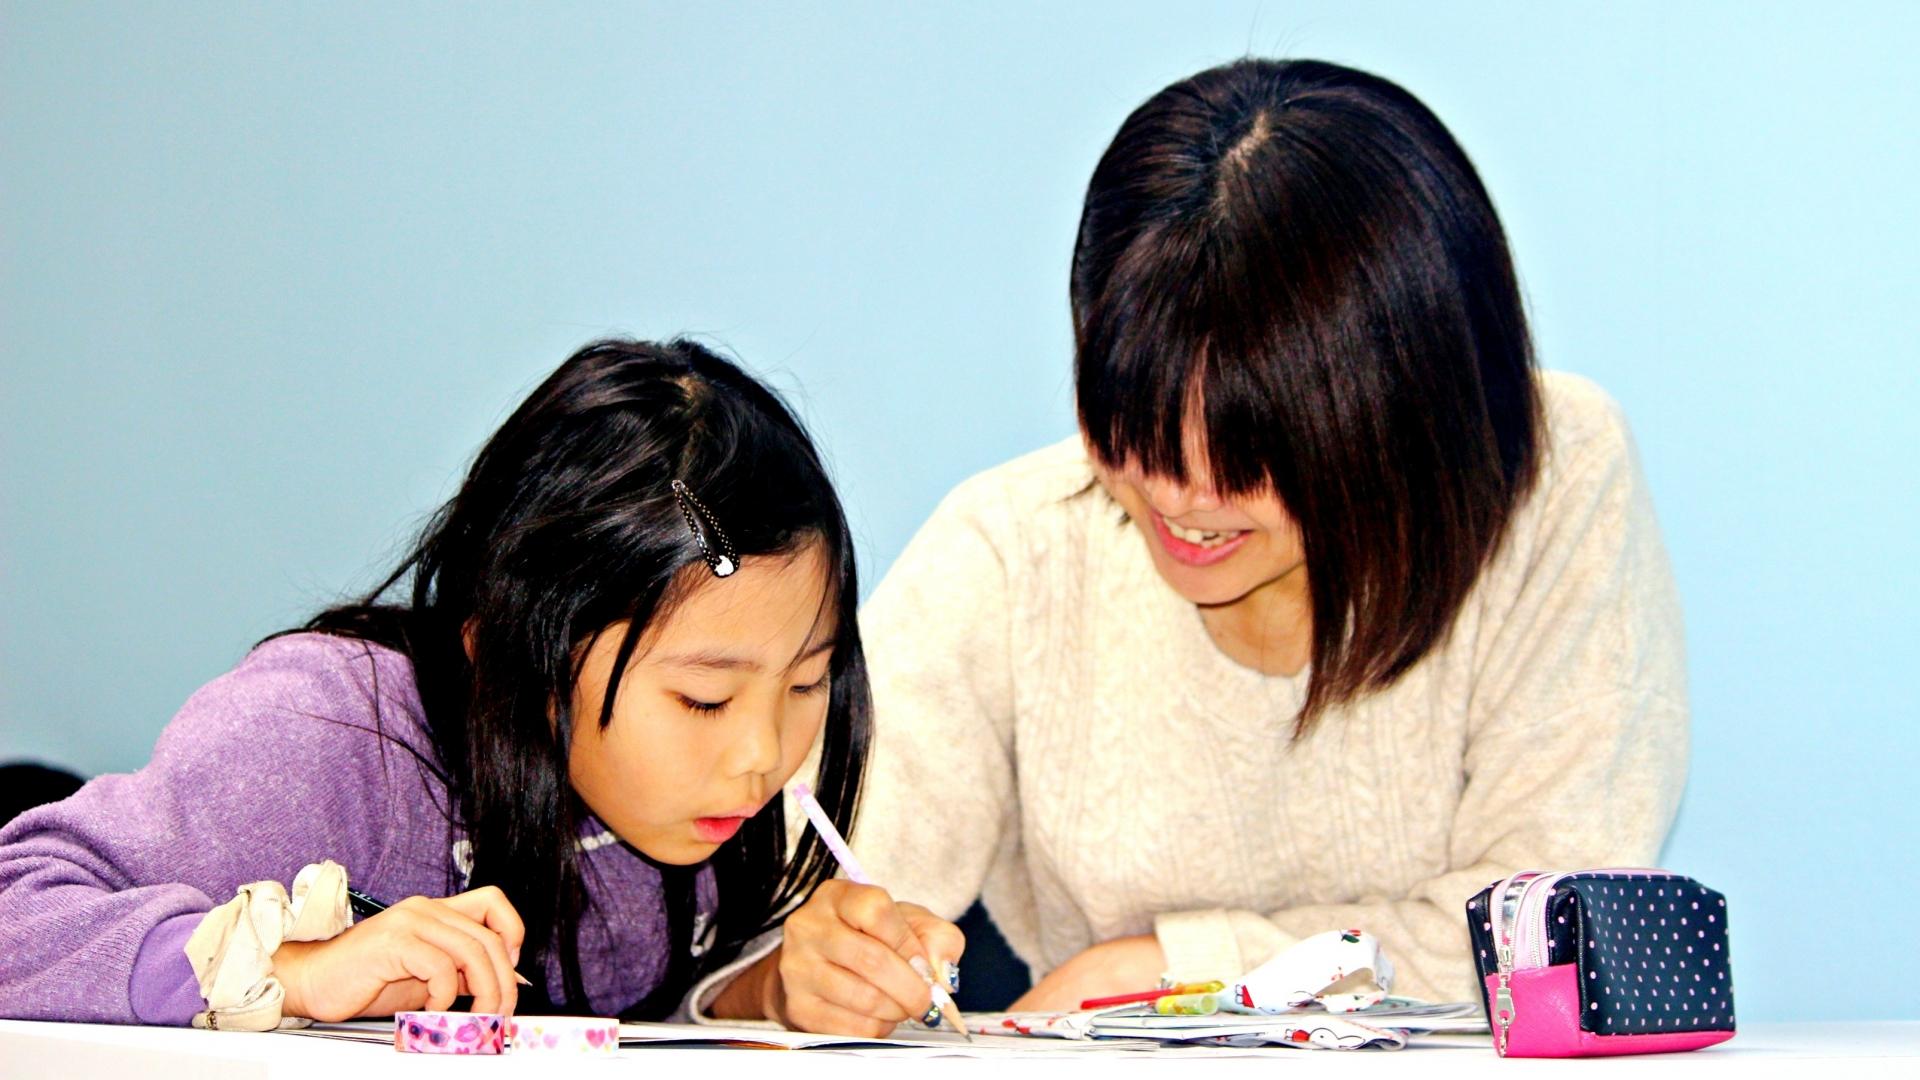 おすすめのオンライン家庭教師を比較!メリットや料金・評判など解説!